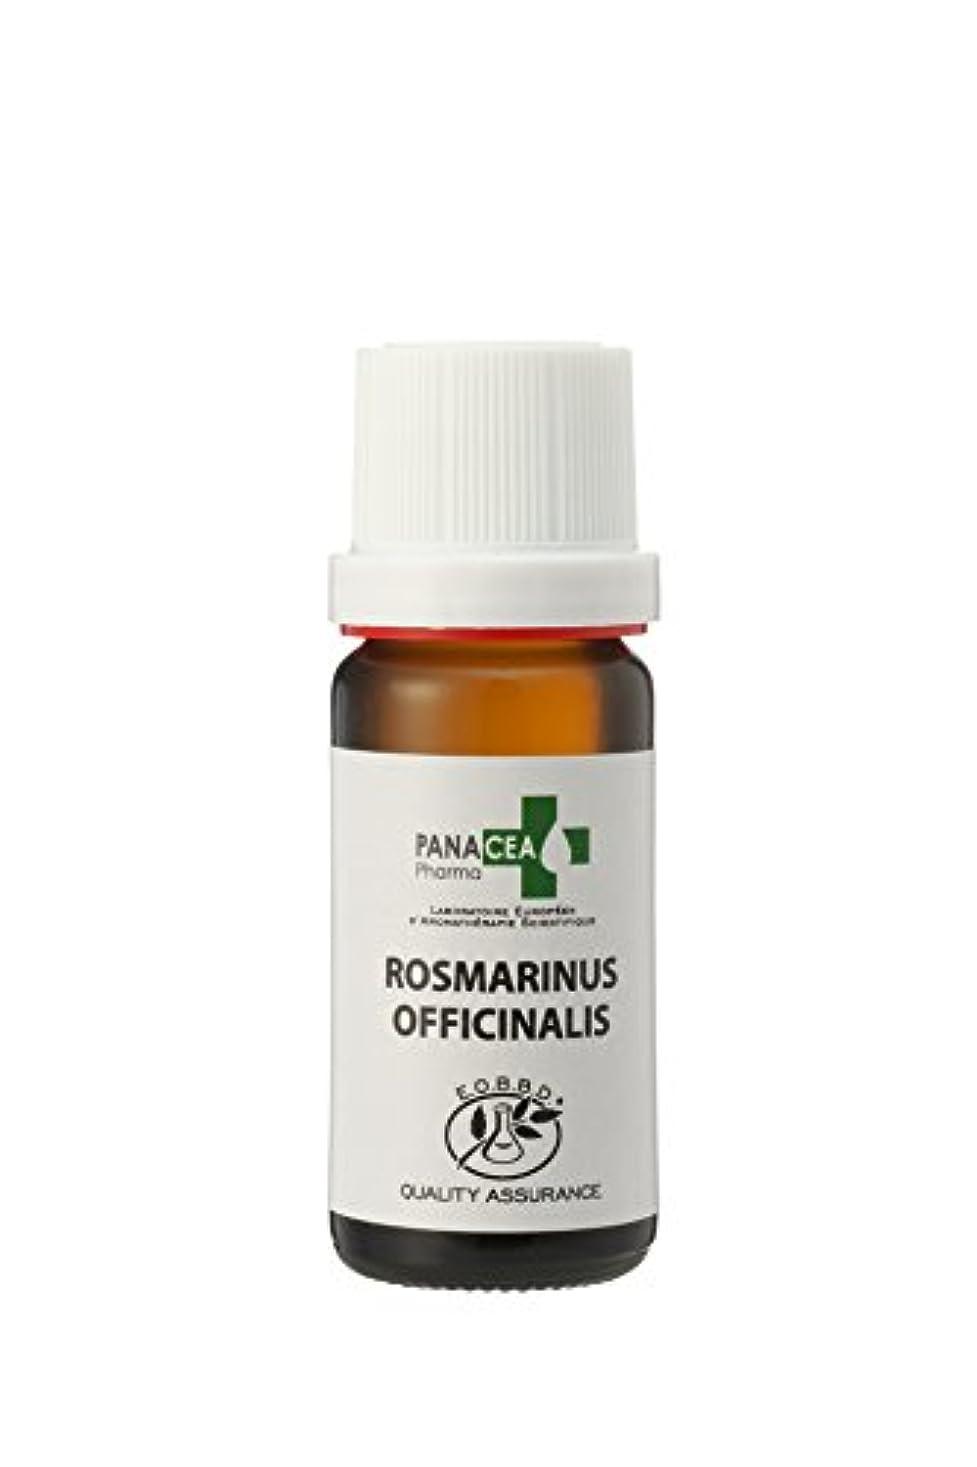 頼る沼地悪意のあるローズマリー シネオール (Rosmarinus officinalis) 10ml エッセンシャルオイル PANACEA PHARMA パナセア ファルマ